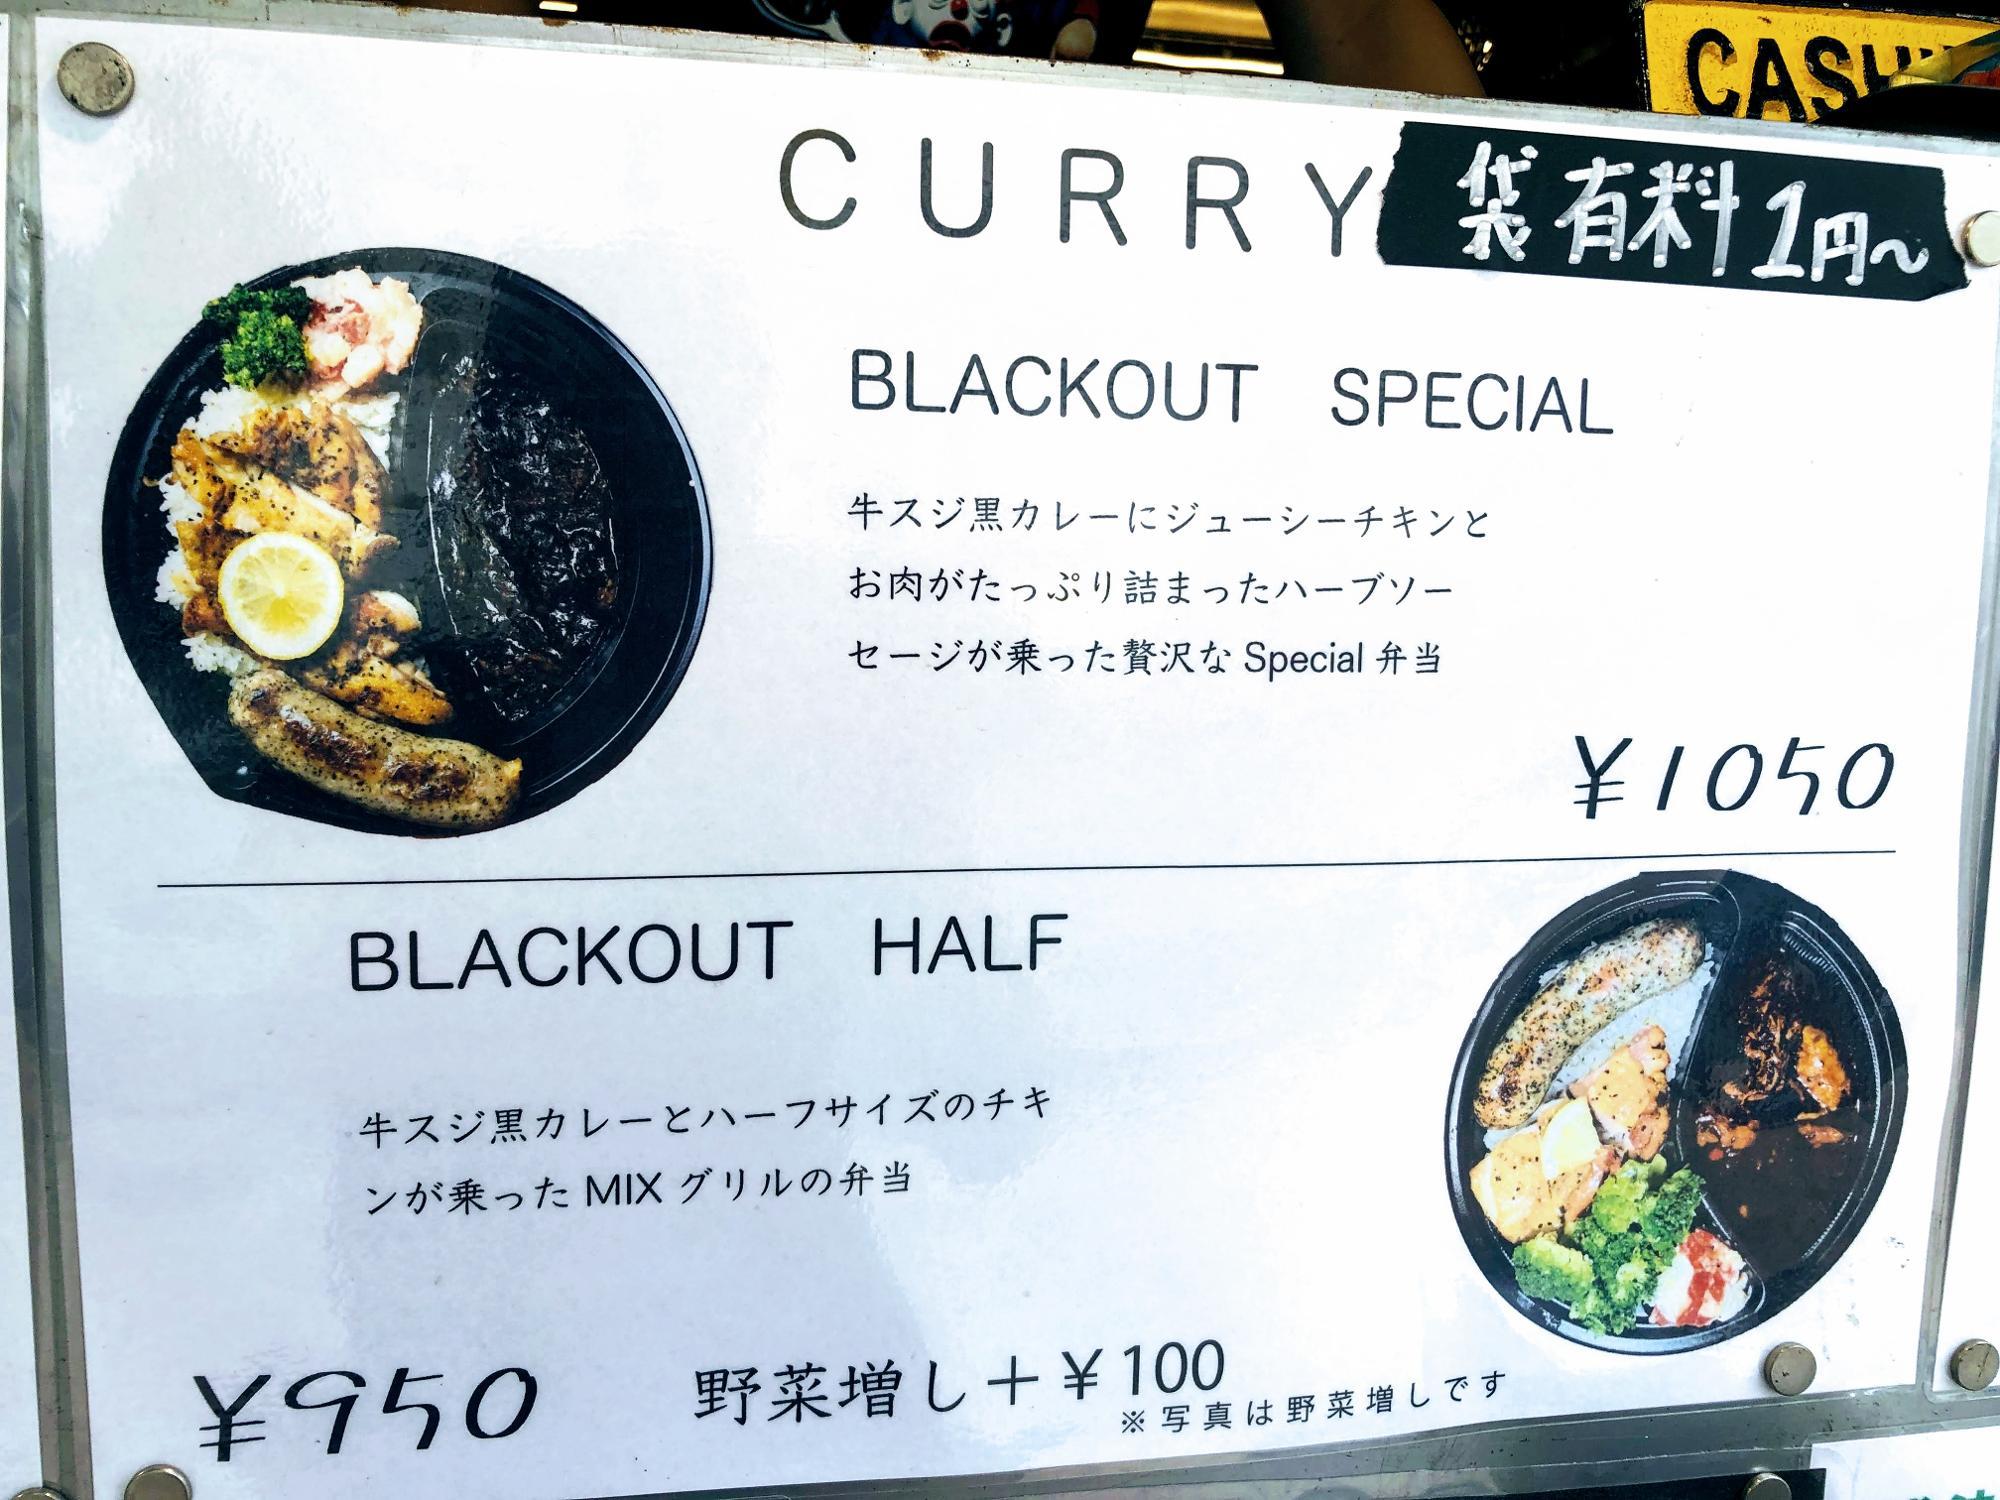 両方堪能できるブラックアウトスペシャル(1,050円)、チキンが半分になるハーフ(950円)も